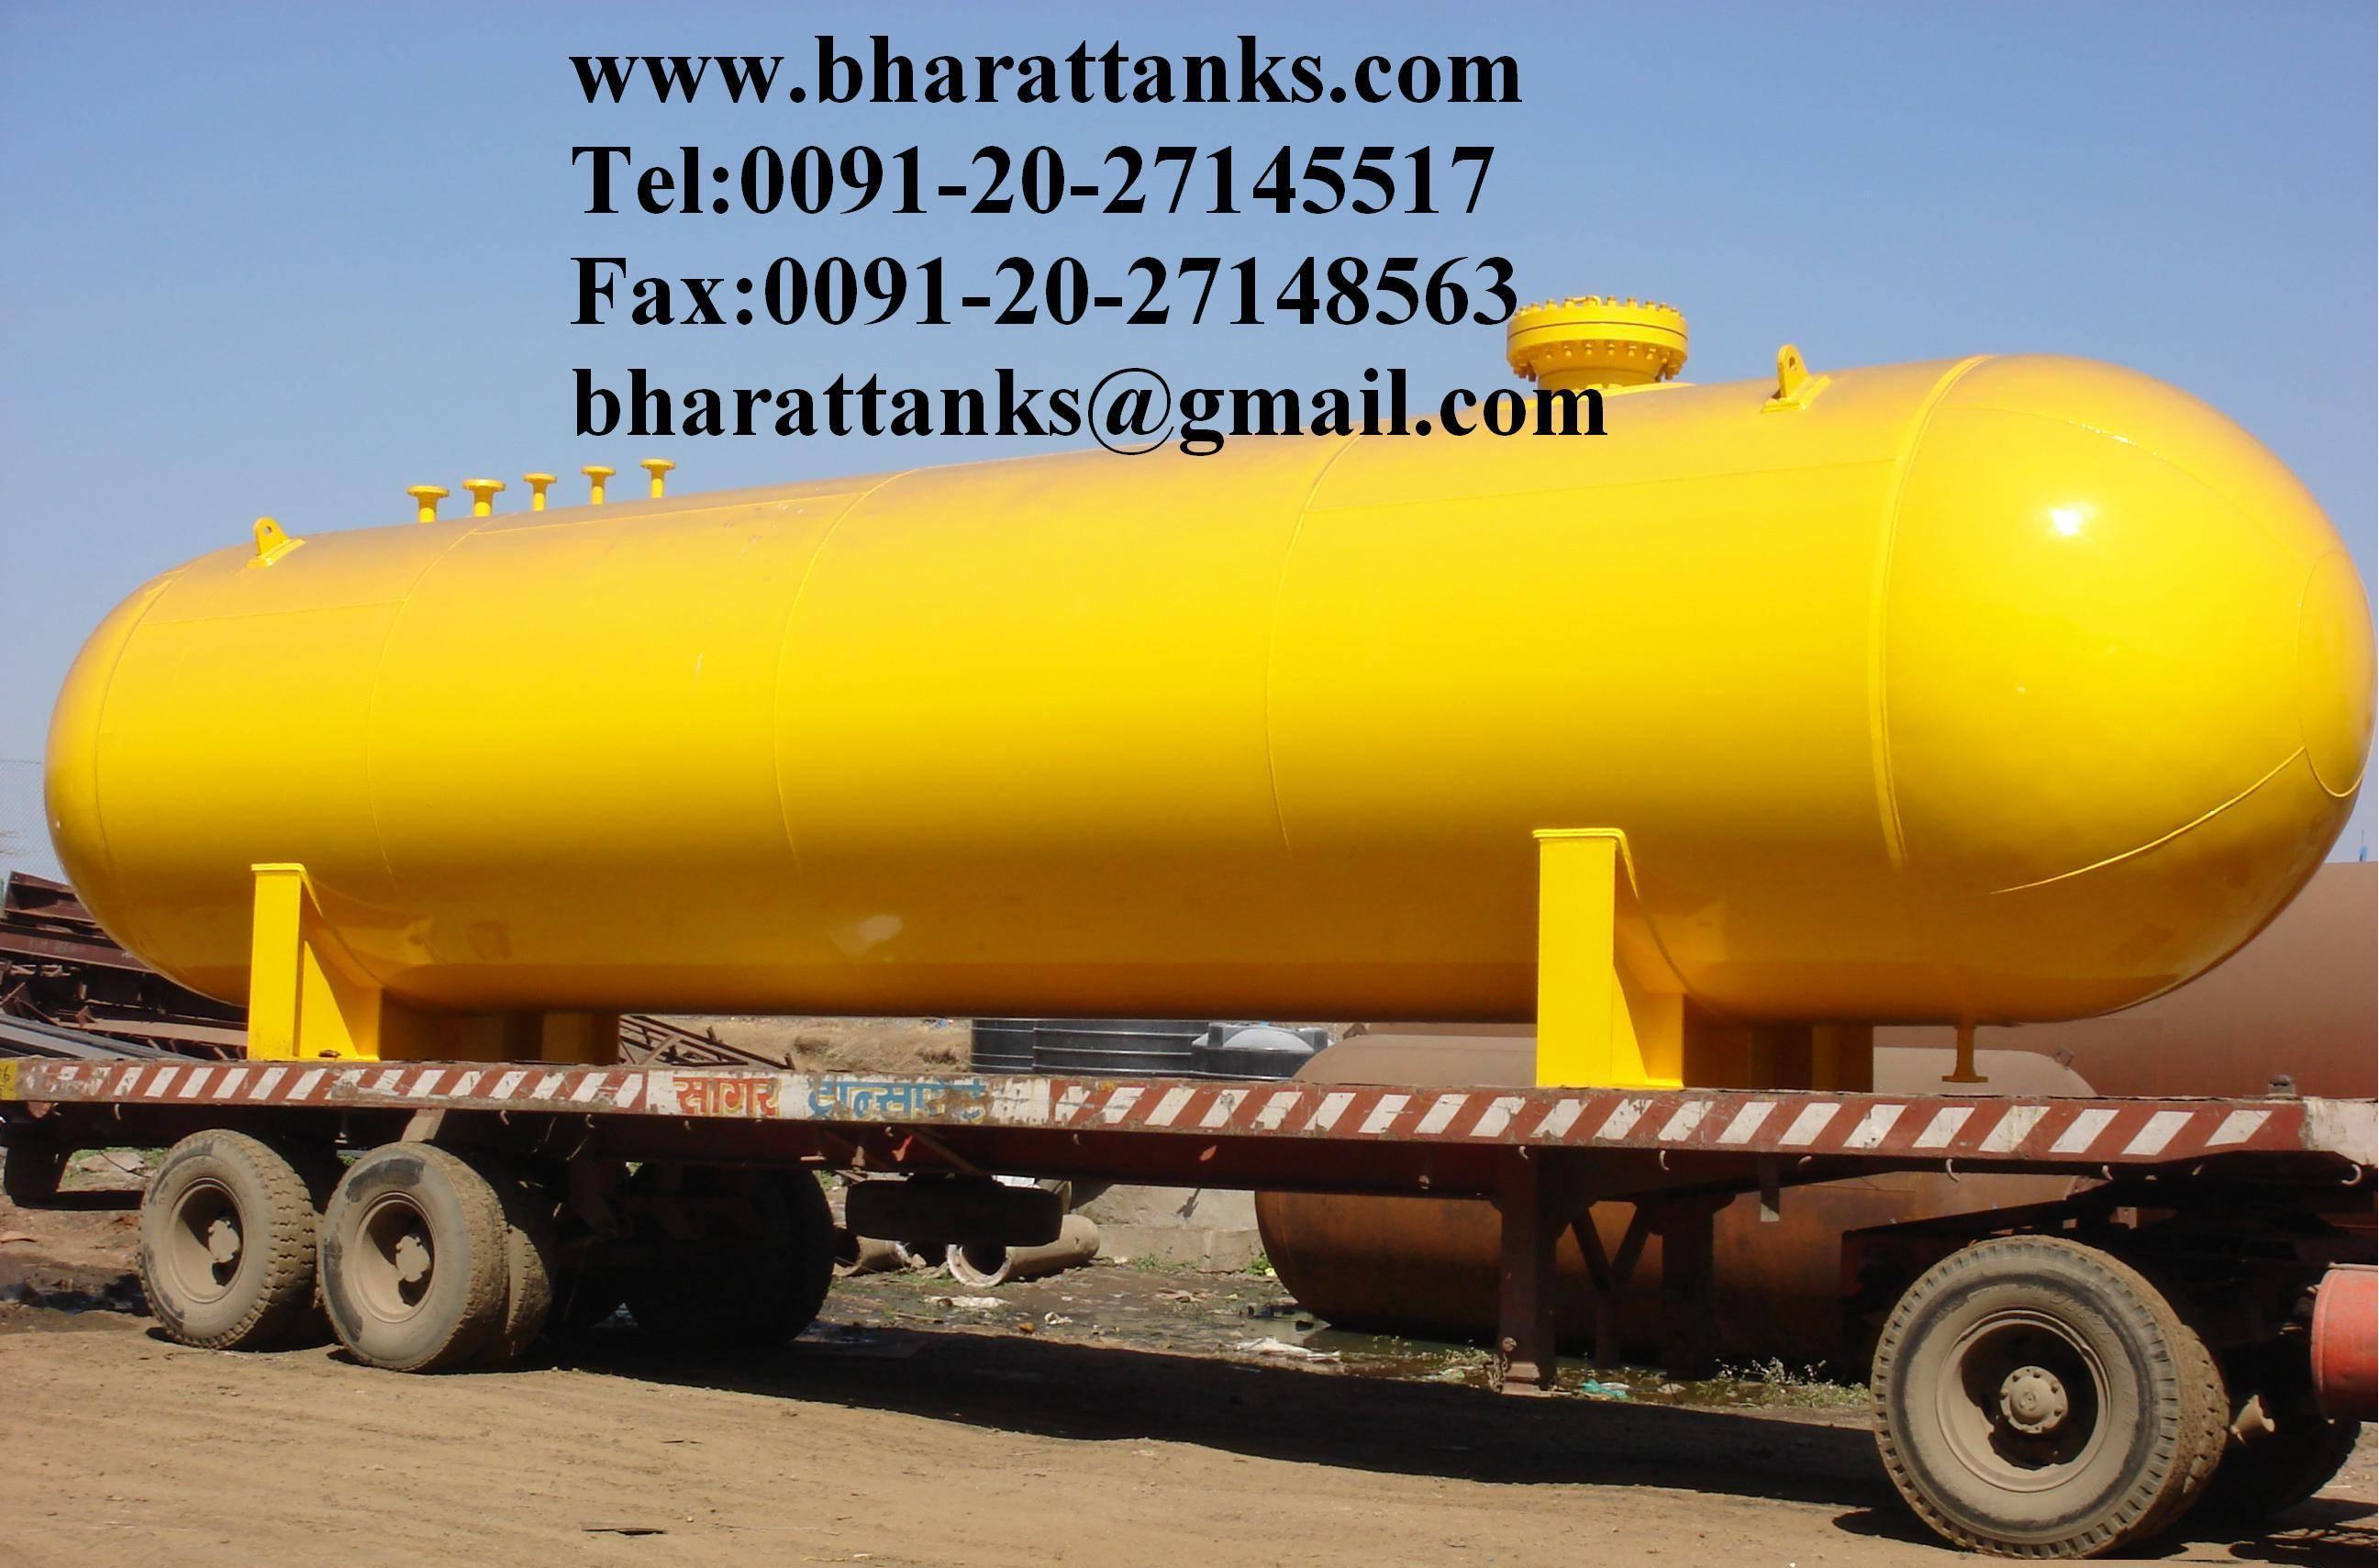 Hydrogen gas tankers